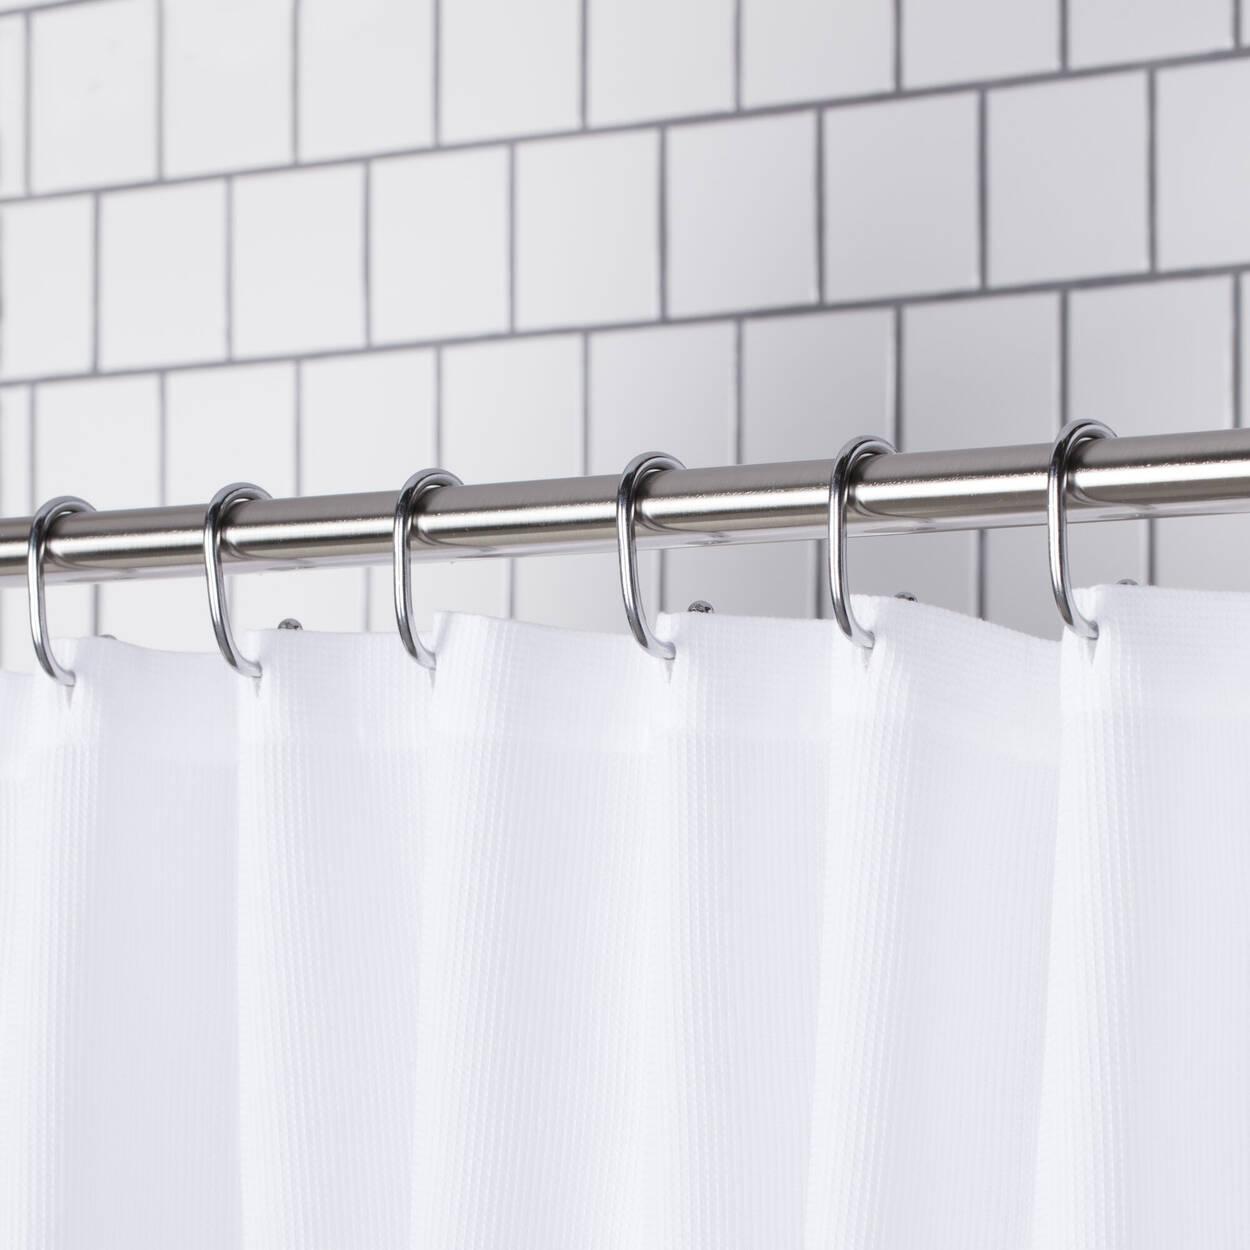 Ensemble de 12 crochets pour rideau de douche